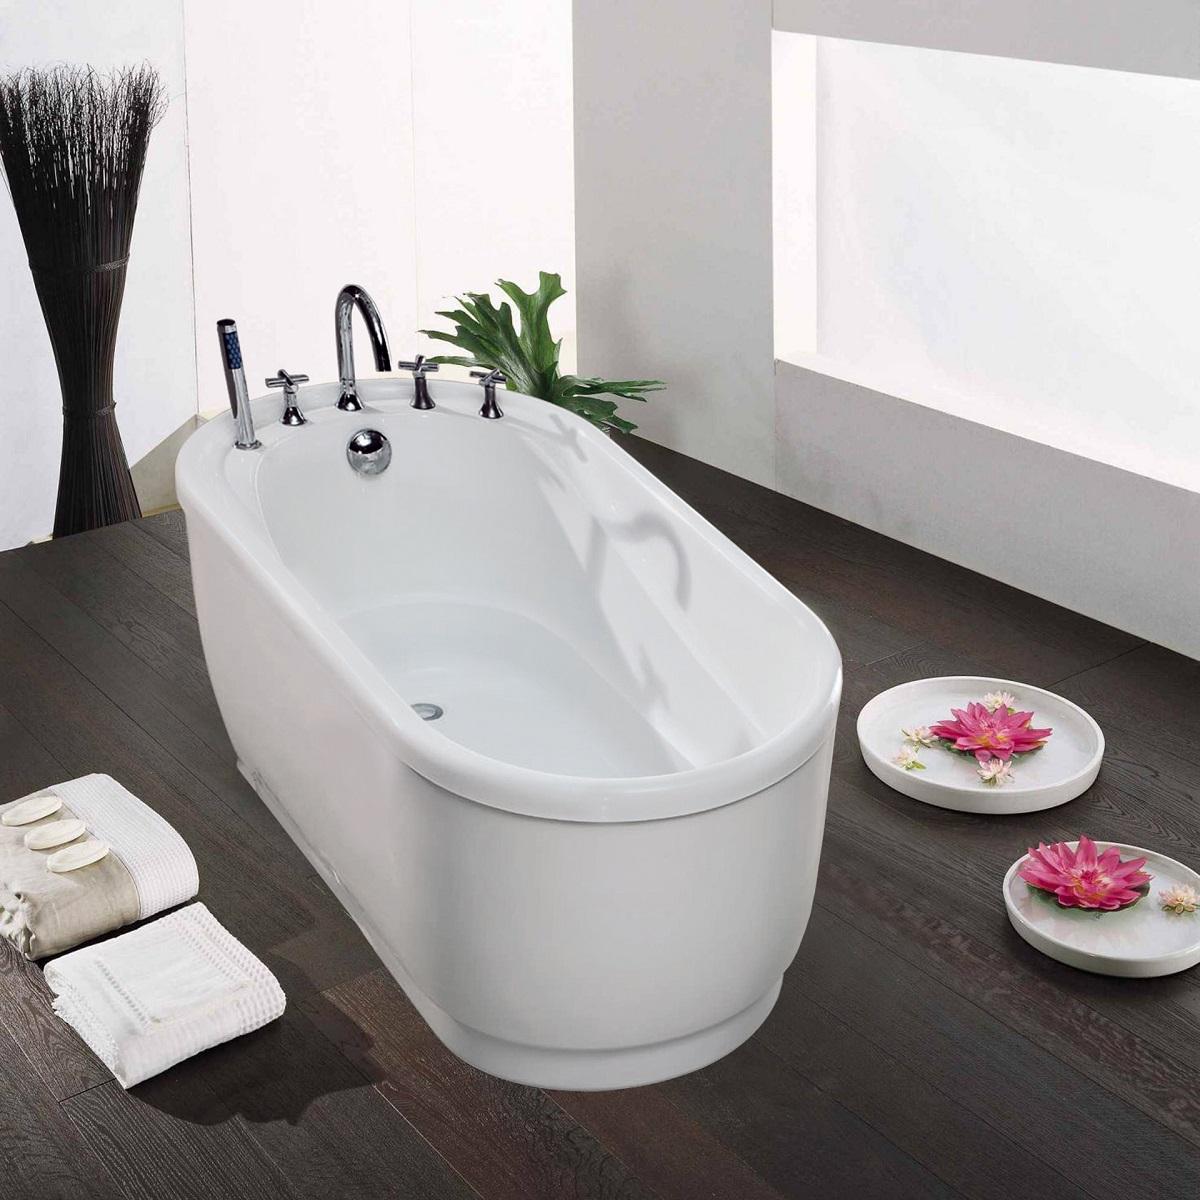 60 inch freestanding tub canada.  Aquatica PureScape 028B Freestanding Acrylic Bathtub